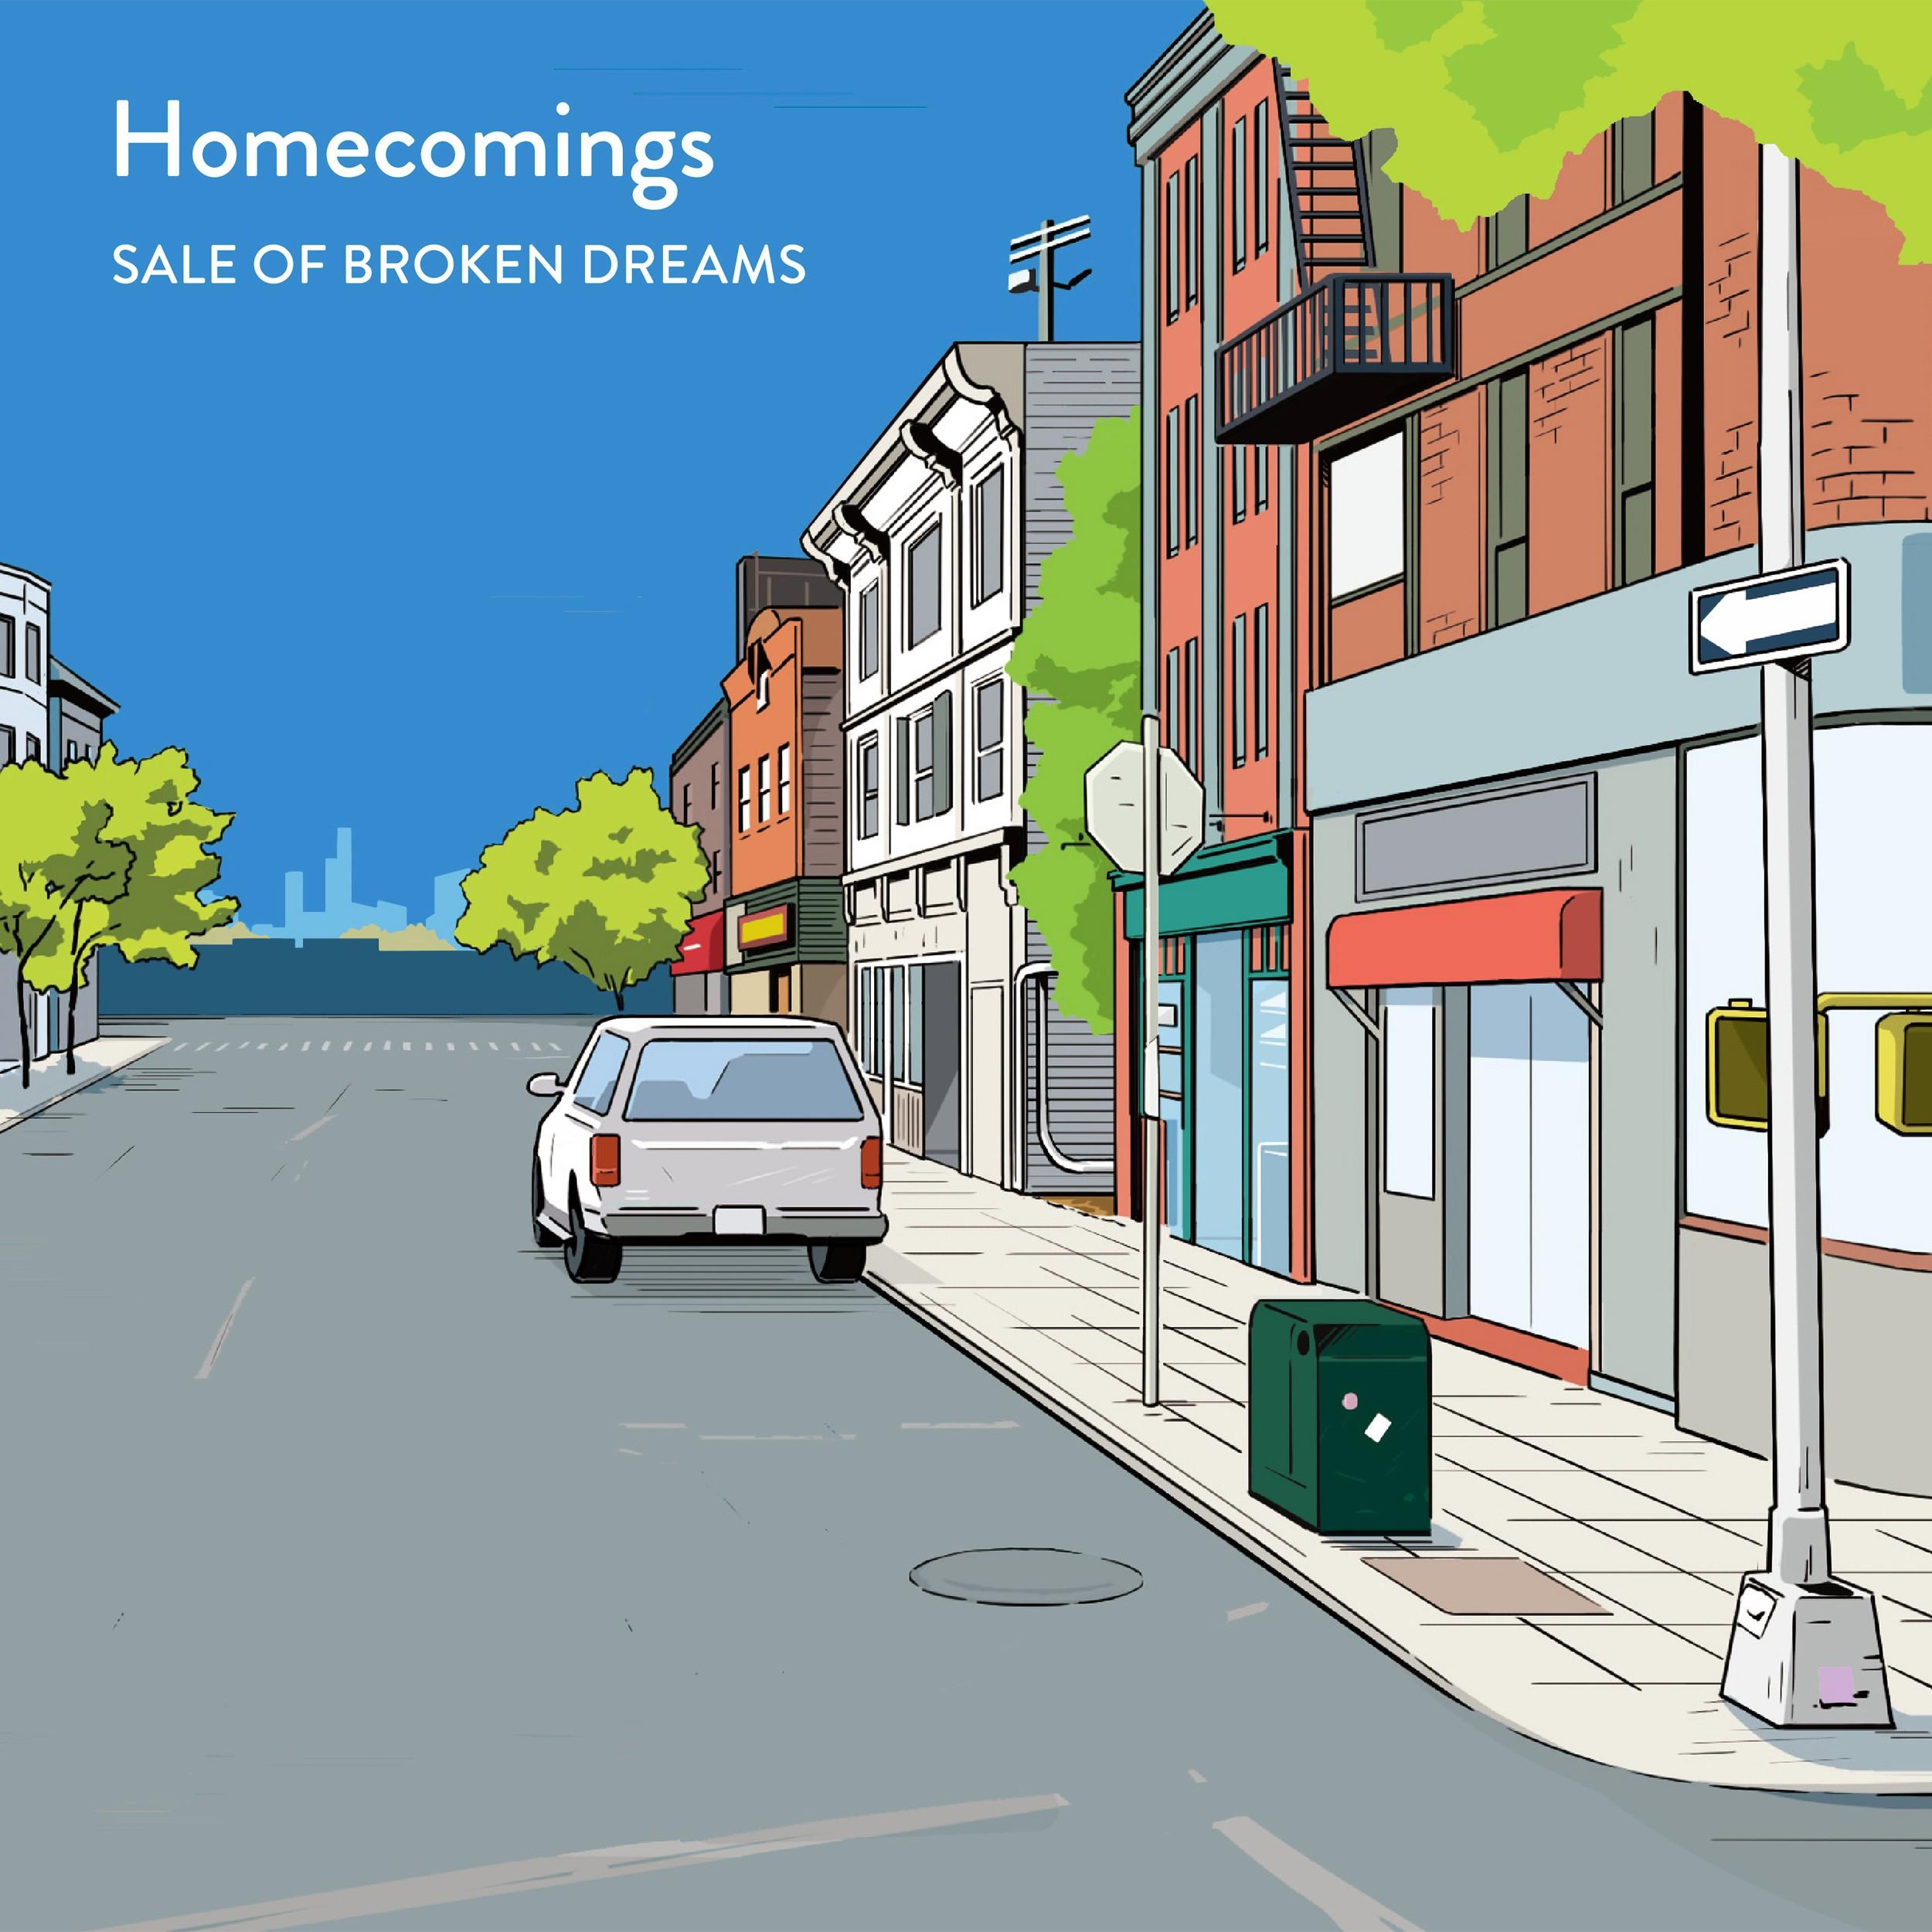 Image of SALE OF BROKEN DREAMS / Homecomings